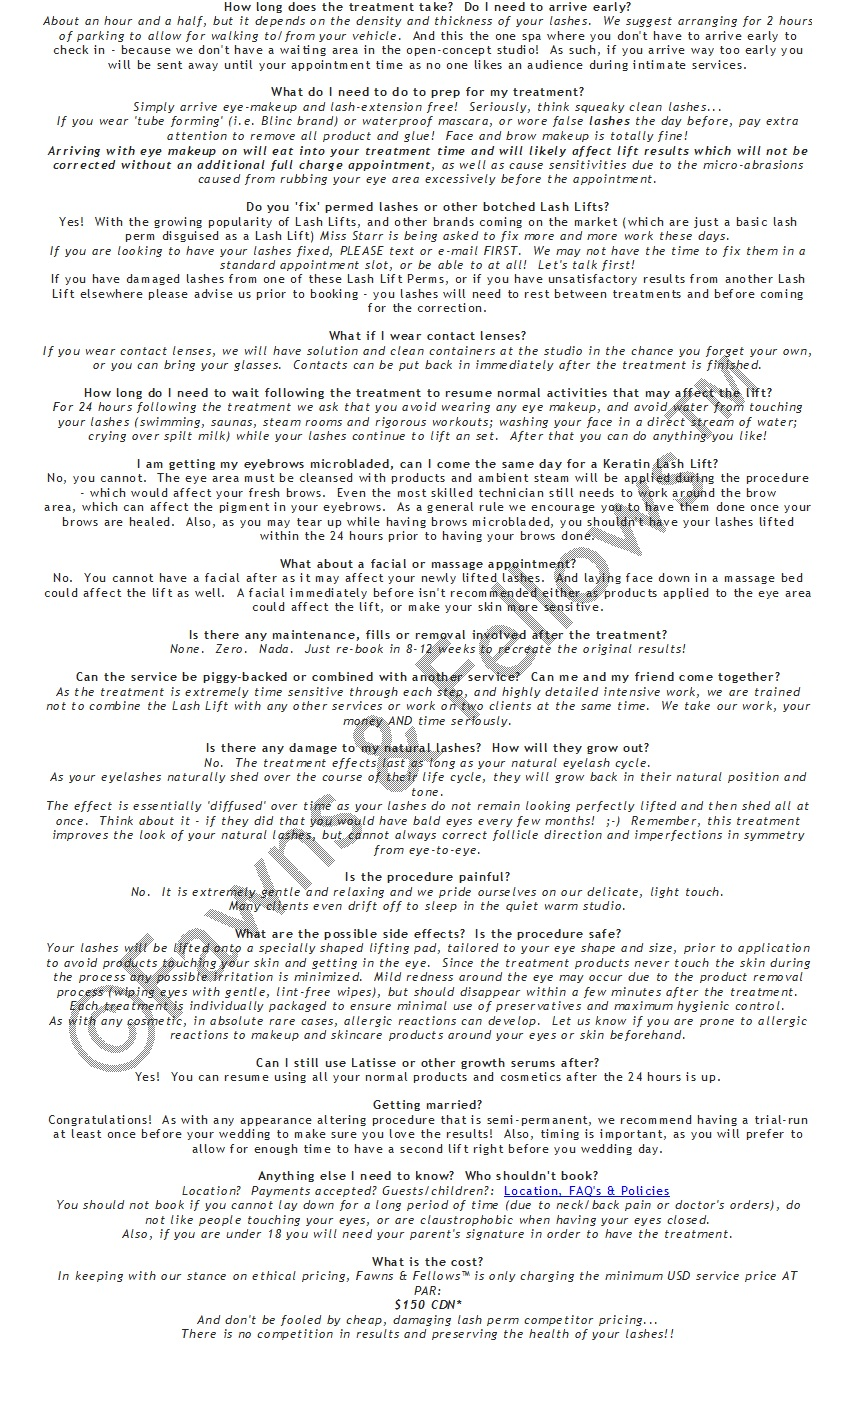 F&F KLL FAQ's Centered.jpg